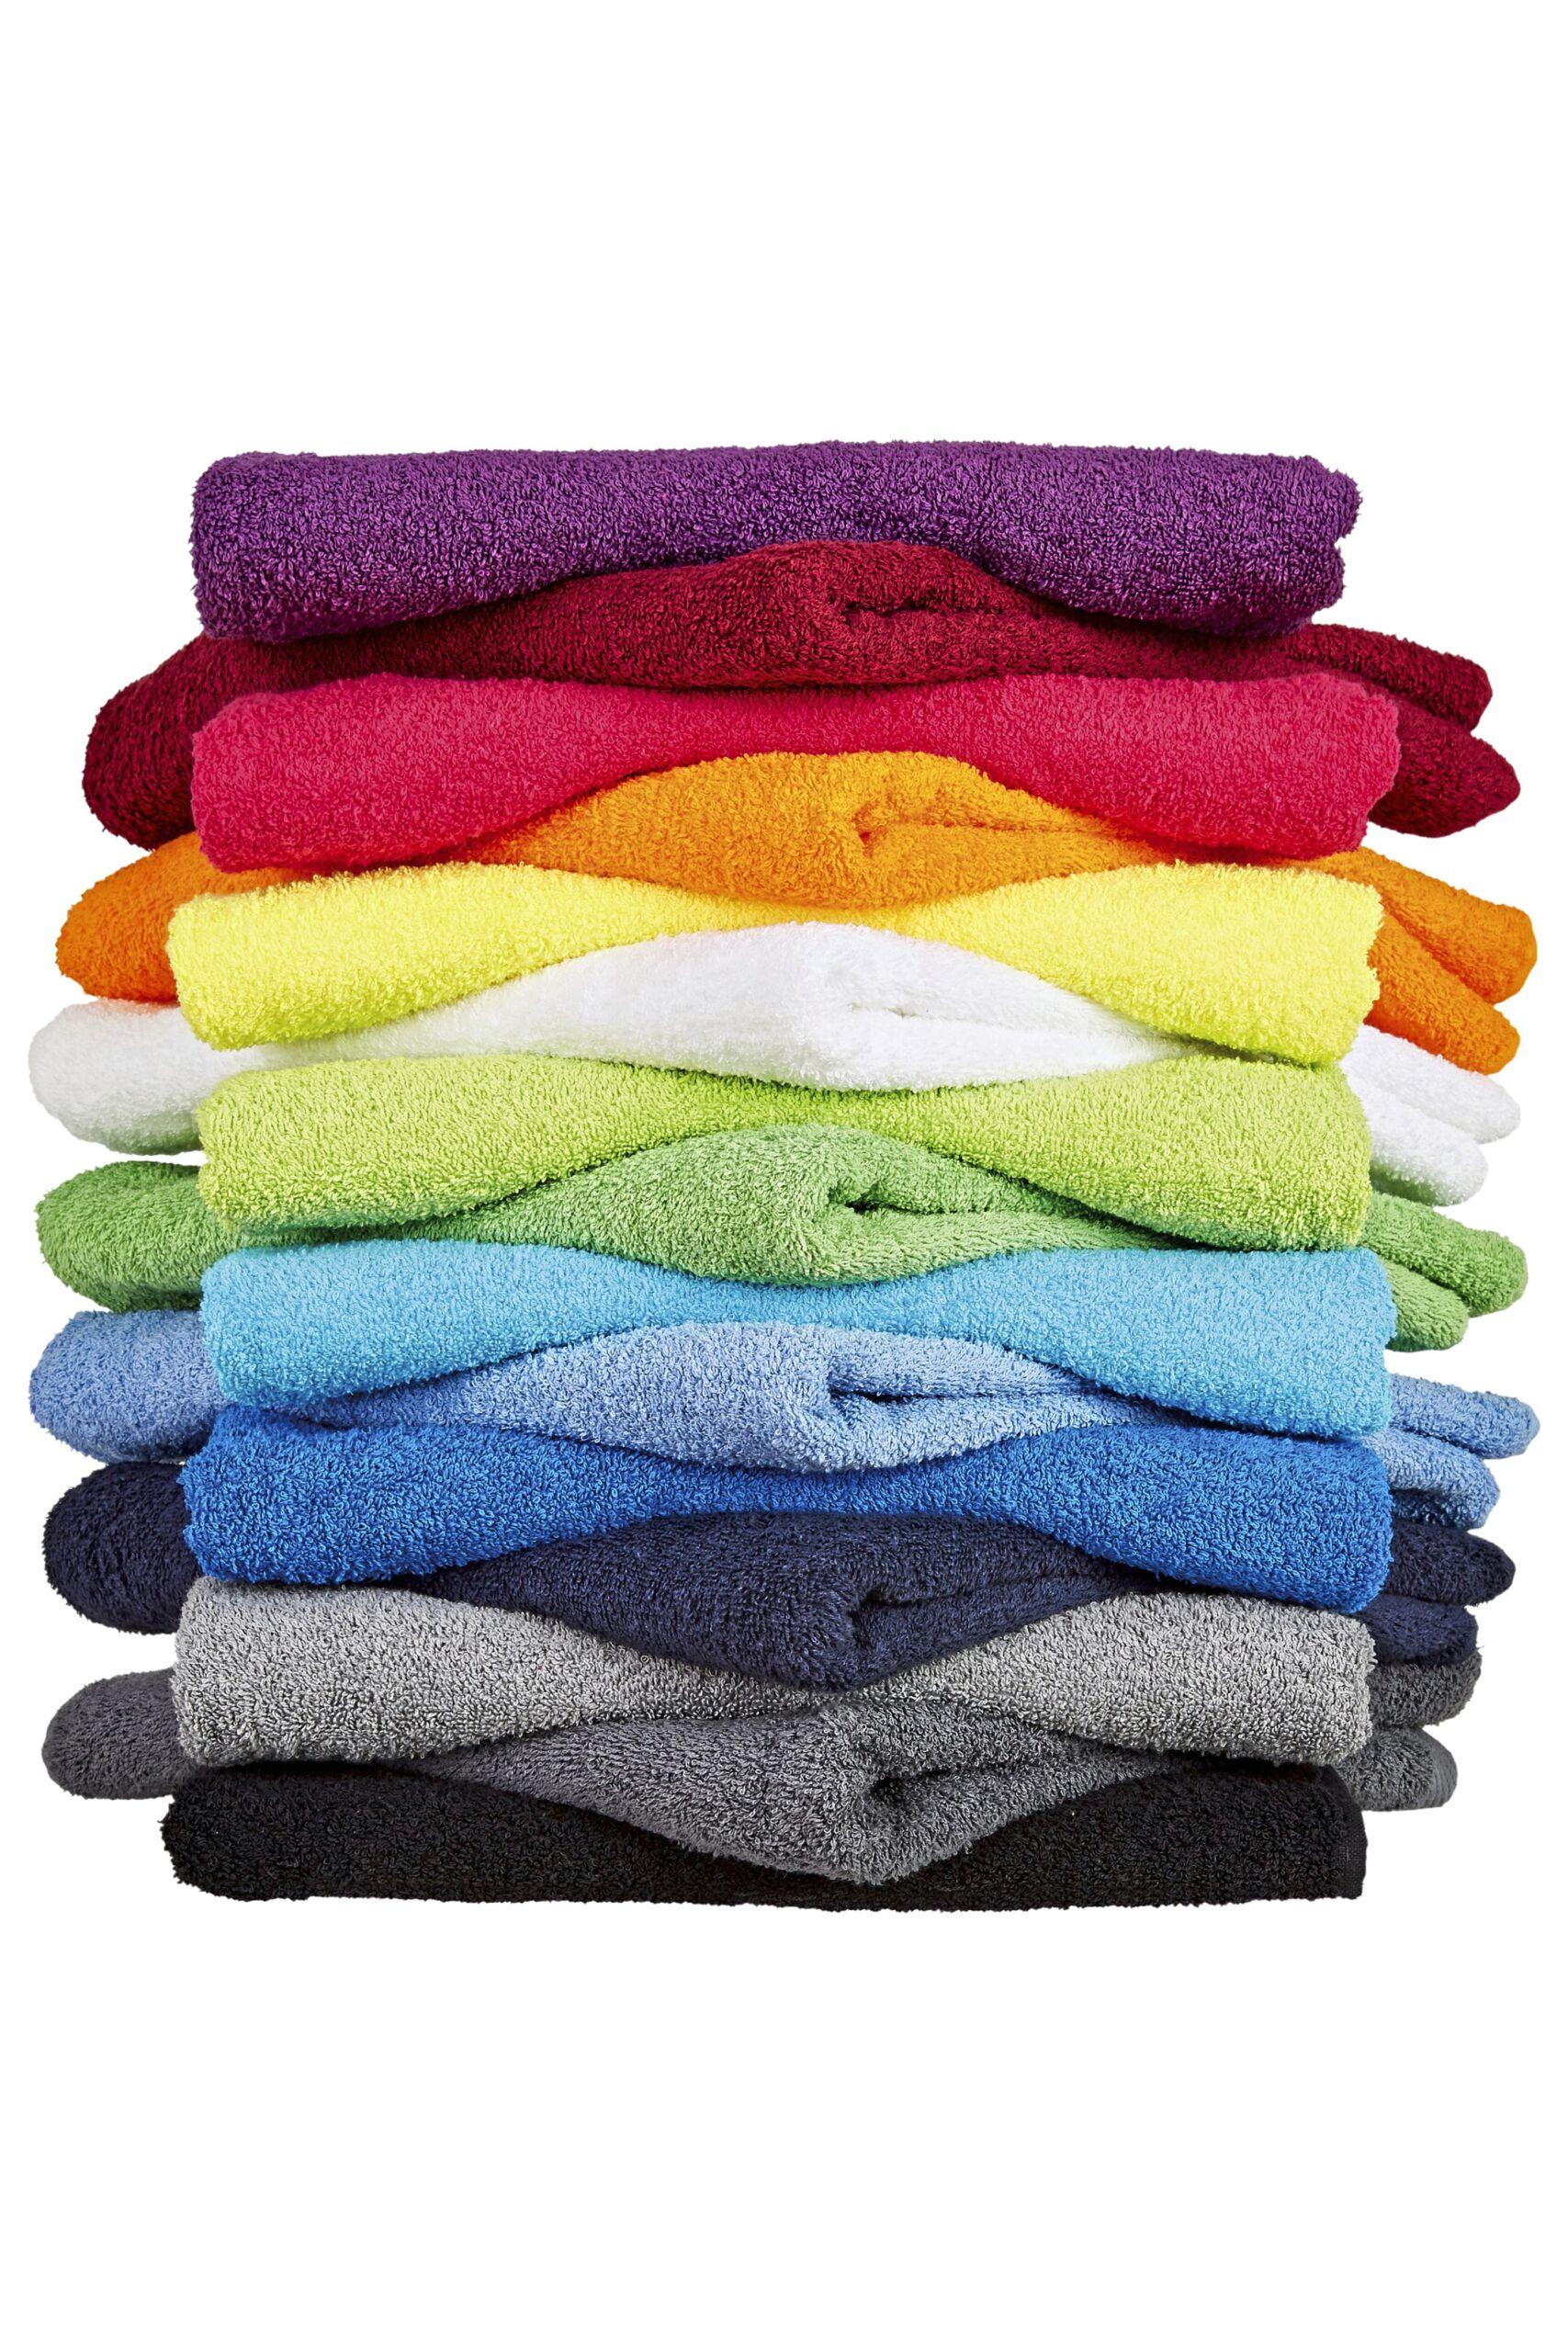 Fairtrade Og Oekotex Badehåndklæde I En 450g/m2 Kvalitet [FT100D]